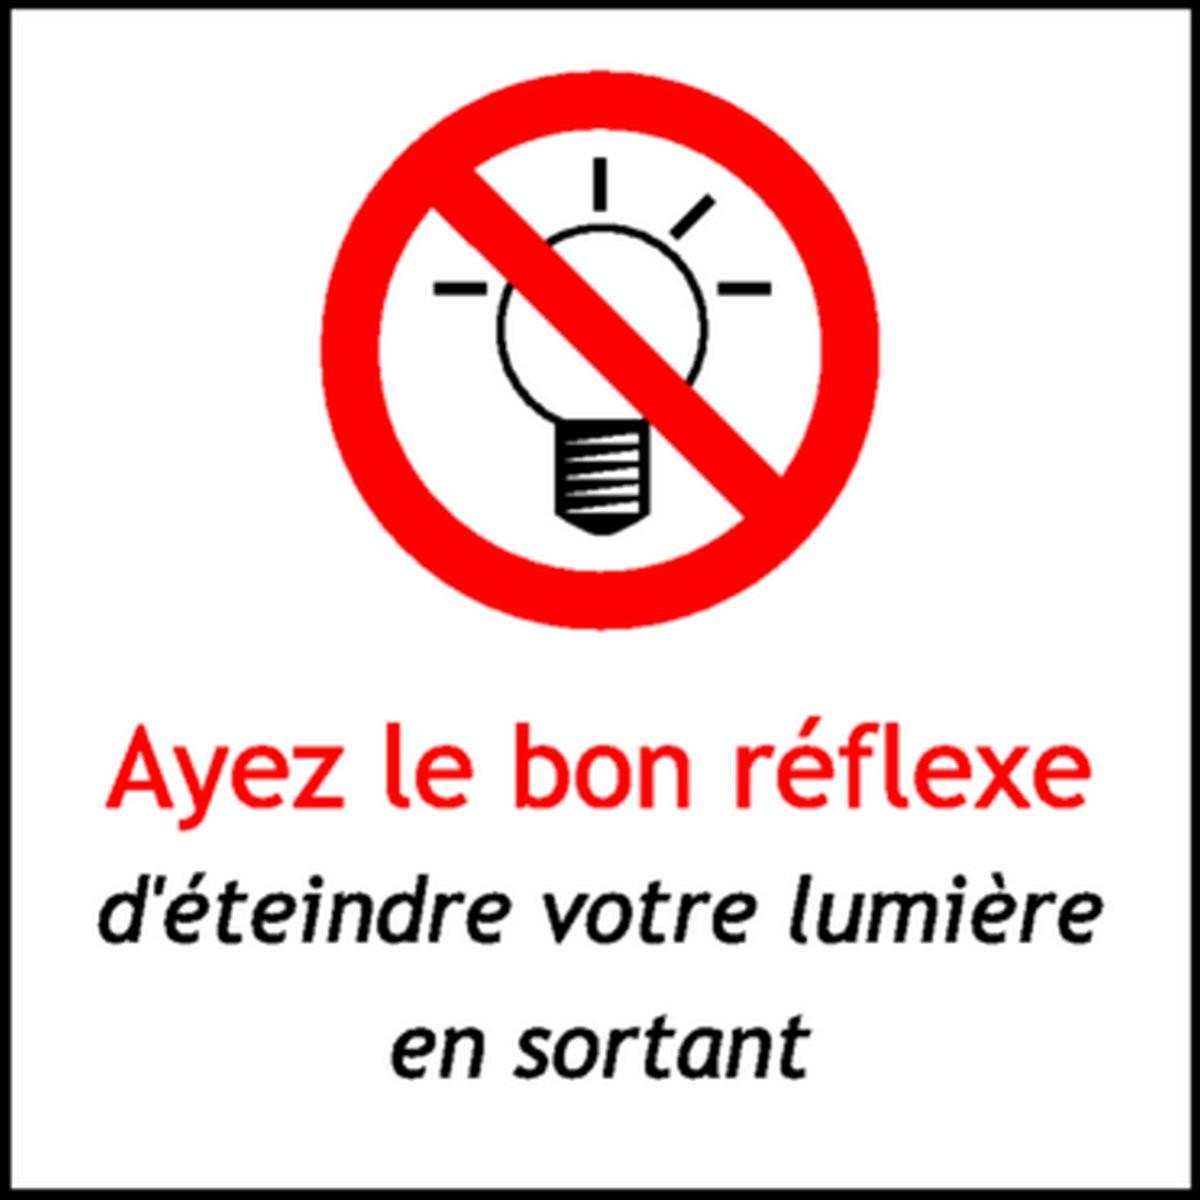 Panneau Ayez le bon réflexe d'éteindre votre lumière en sortant